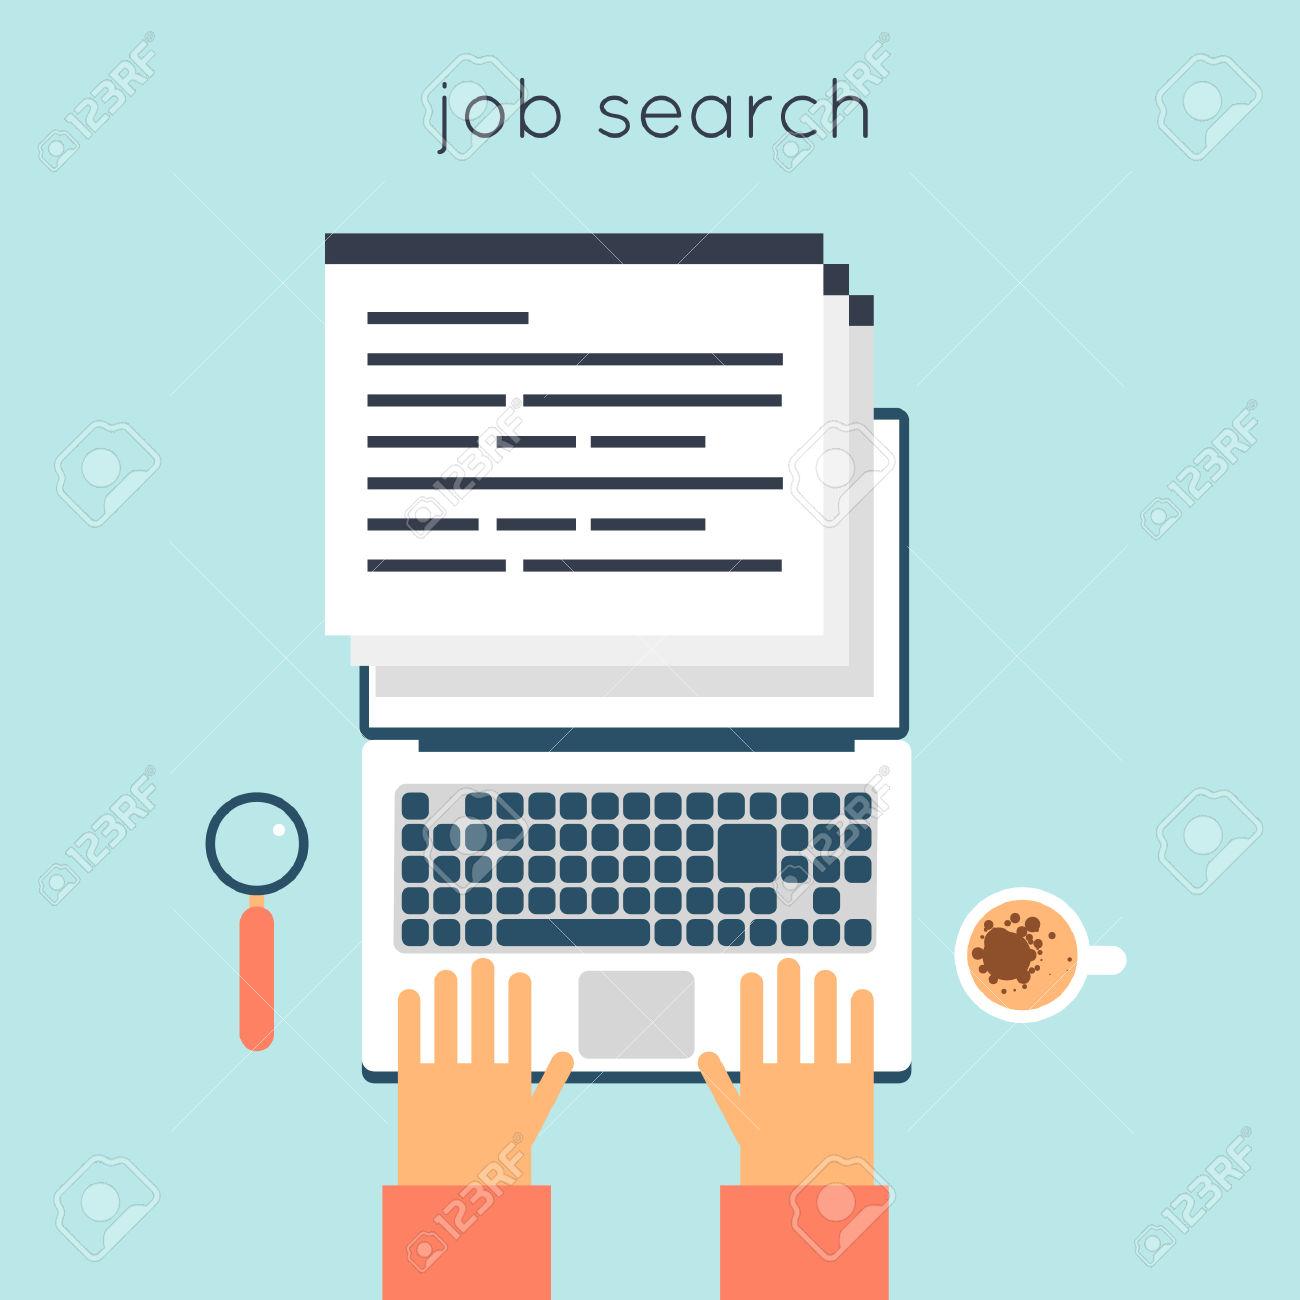 Recherche-d-emploi-en-ligne-design-plat-illustration-vectorielle-Vous-recherchez-un-poste-vacant-le--Banque-d'images